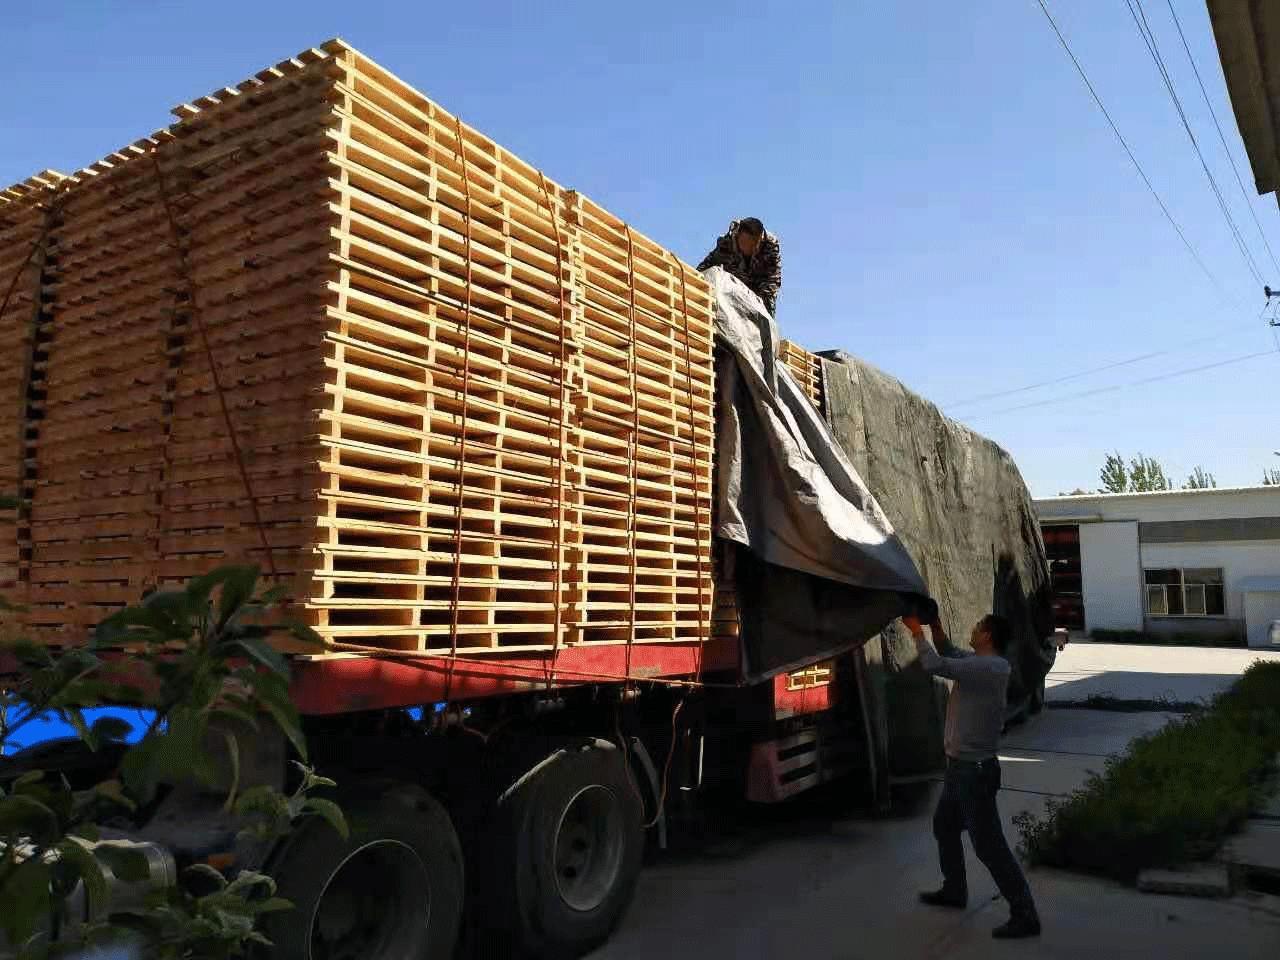 安徽阜阳某建材公司专属设计木质托盘